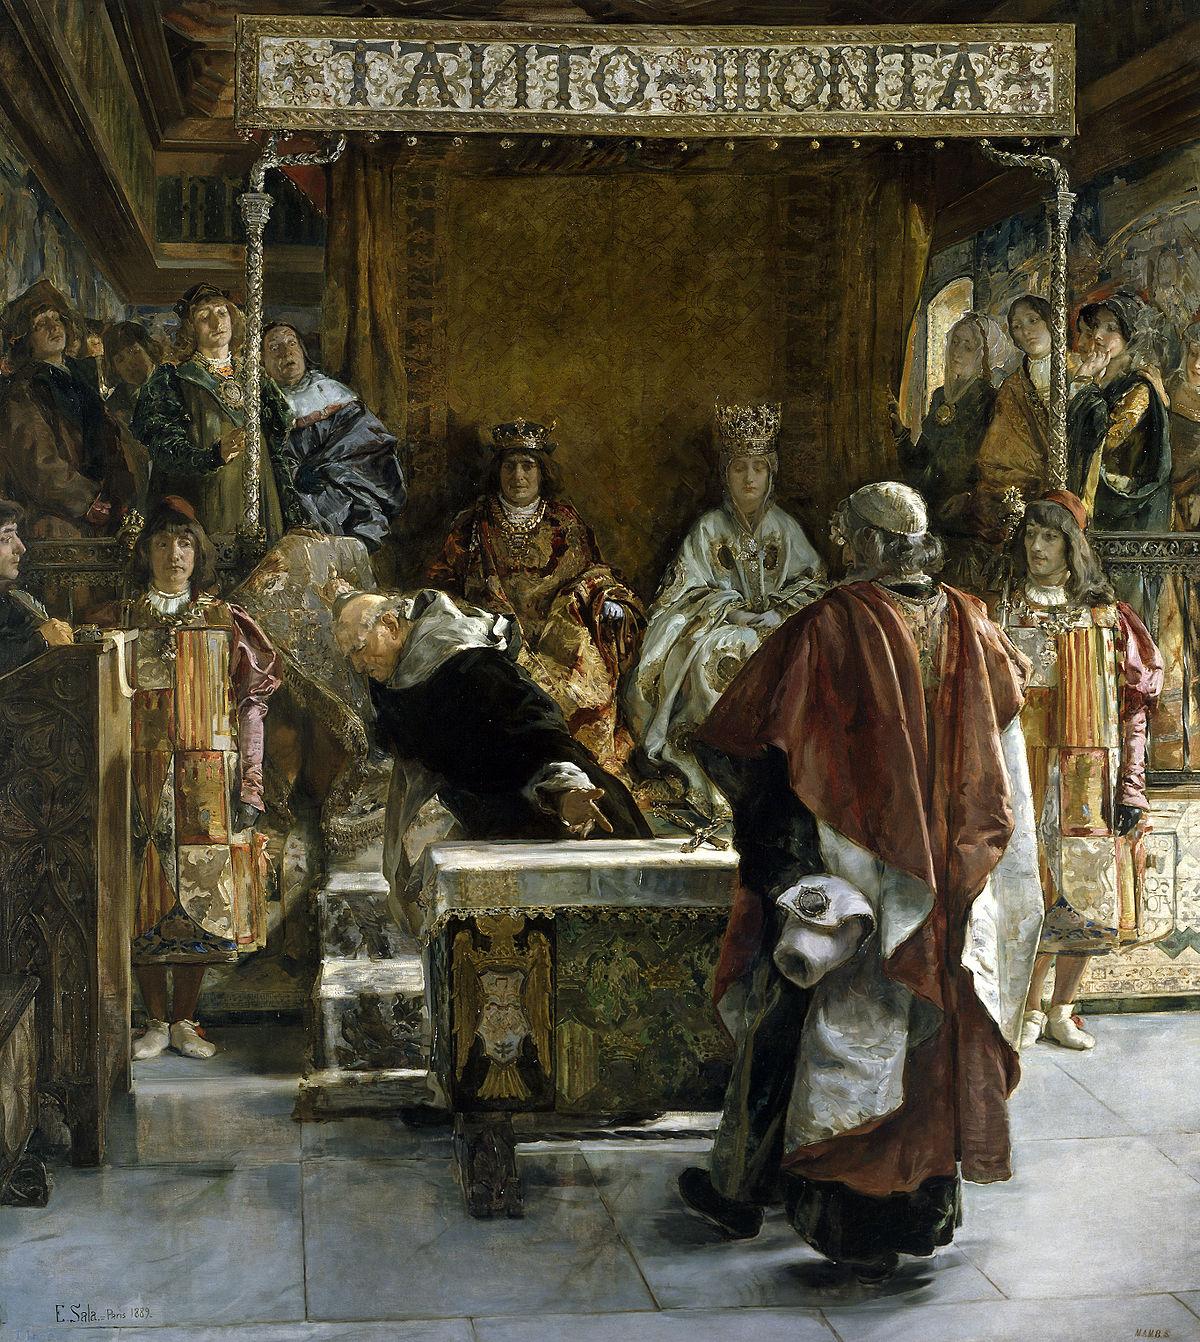 Альгамбрский эдикт— указ королевских величеств Фердинанда II Арагонского и Изабеллы I Кастильской, изданный в 1492 году, об изгнании со всех территорий их королевств тех евреев, которые до 31 июля этого года откажутся принять христианство.